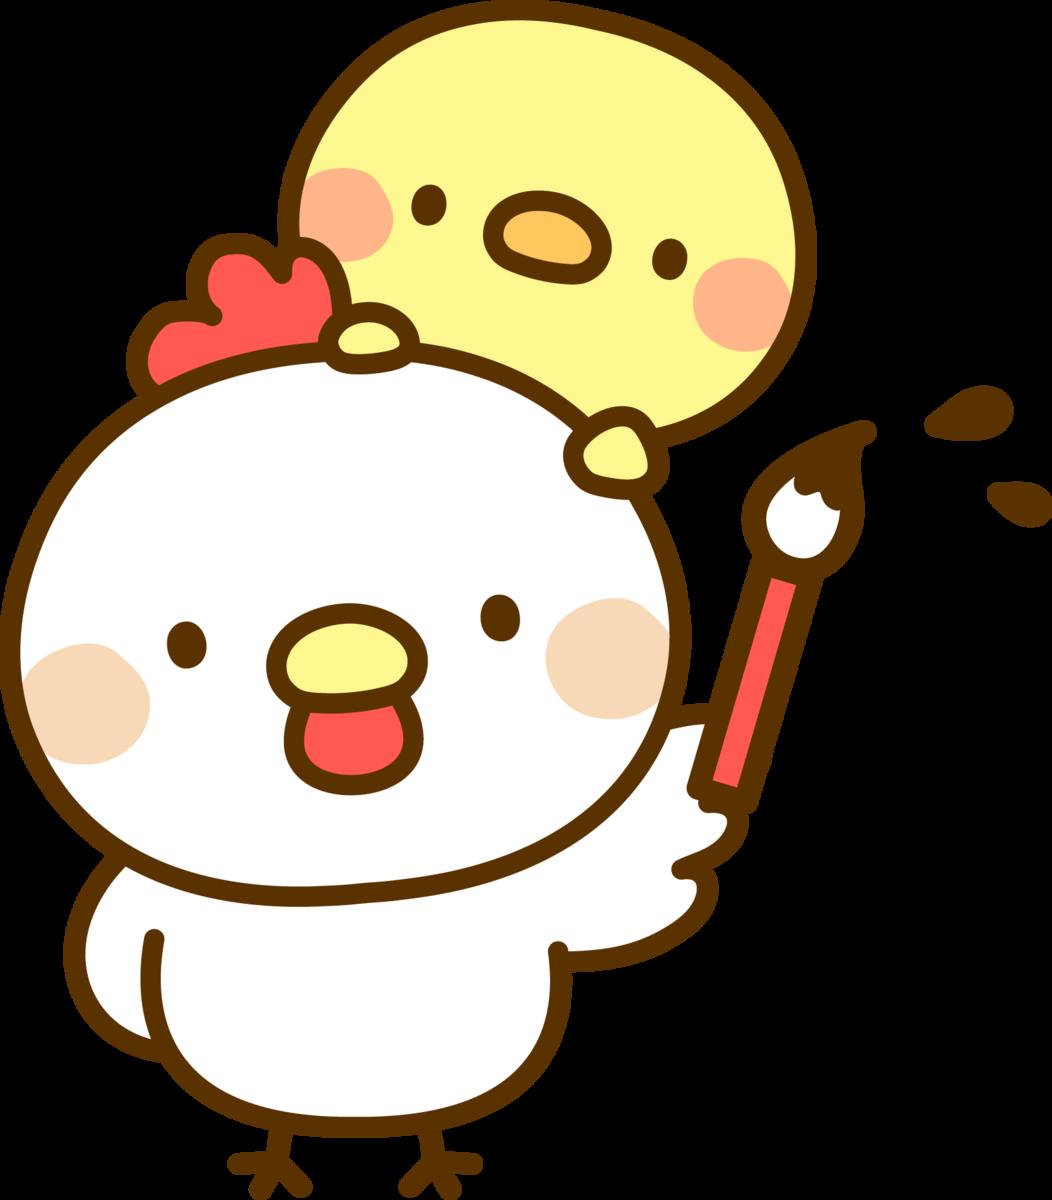 f:id:Cherrysakura:20190914073440p:plain